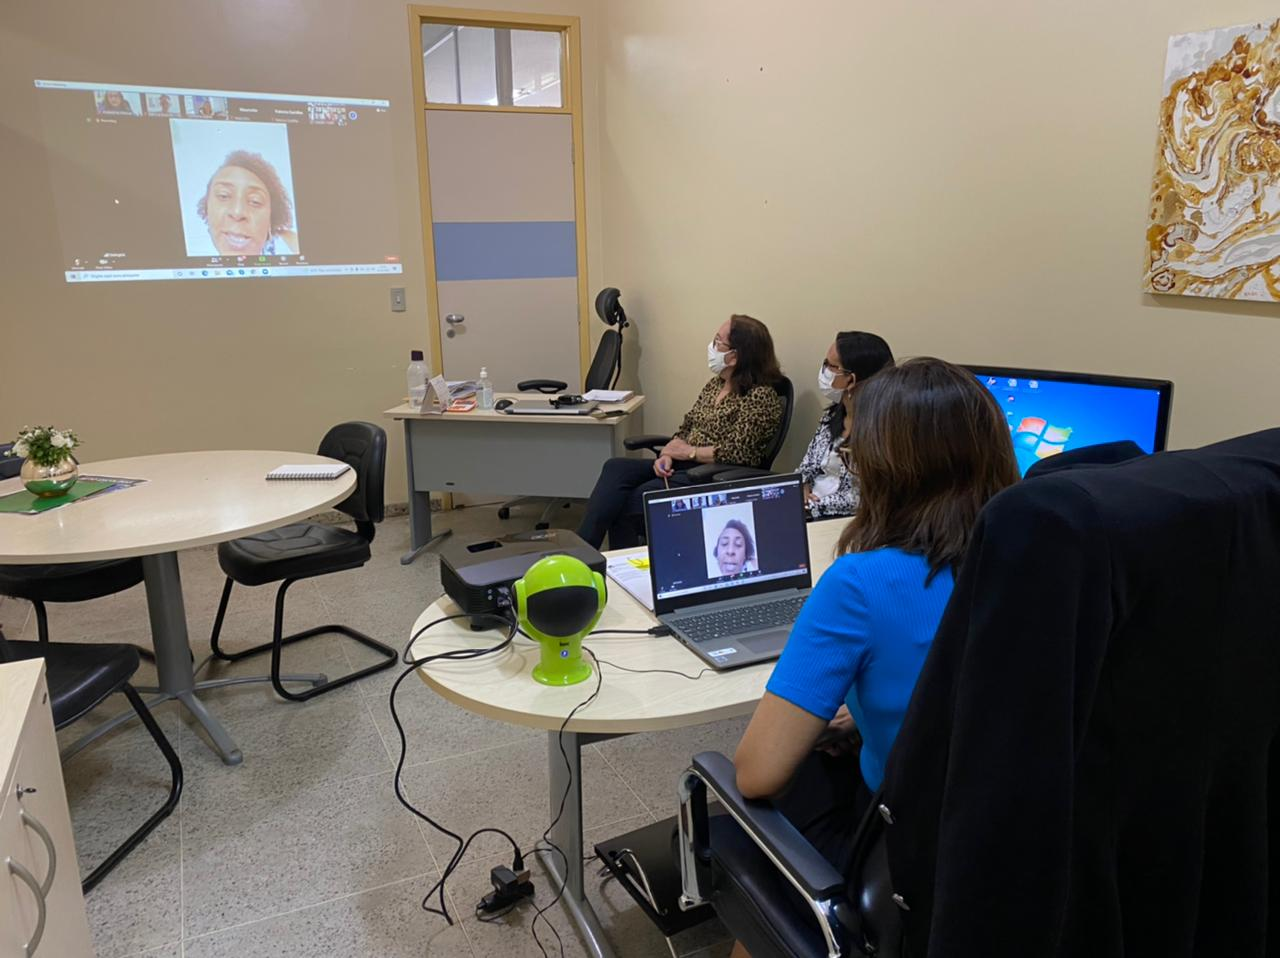 Mossoró integra projeto inovador em educação para a primeira infância